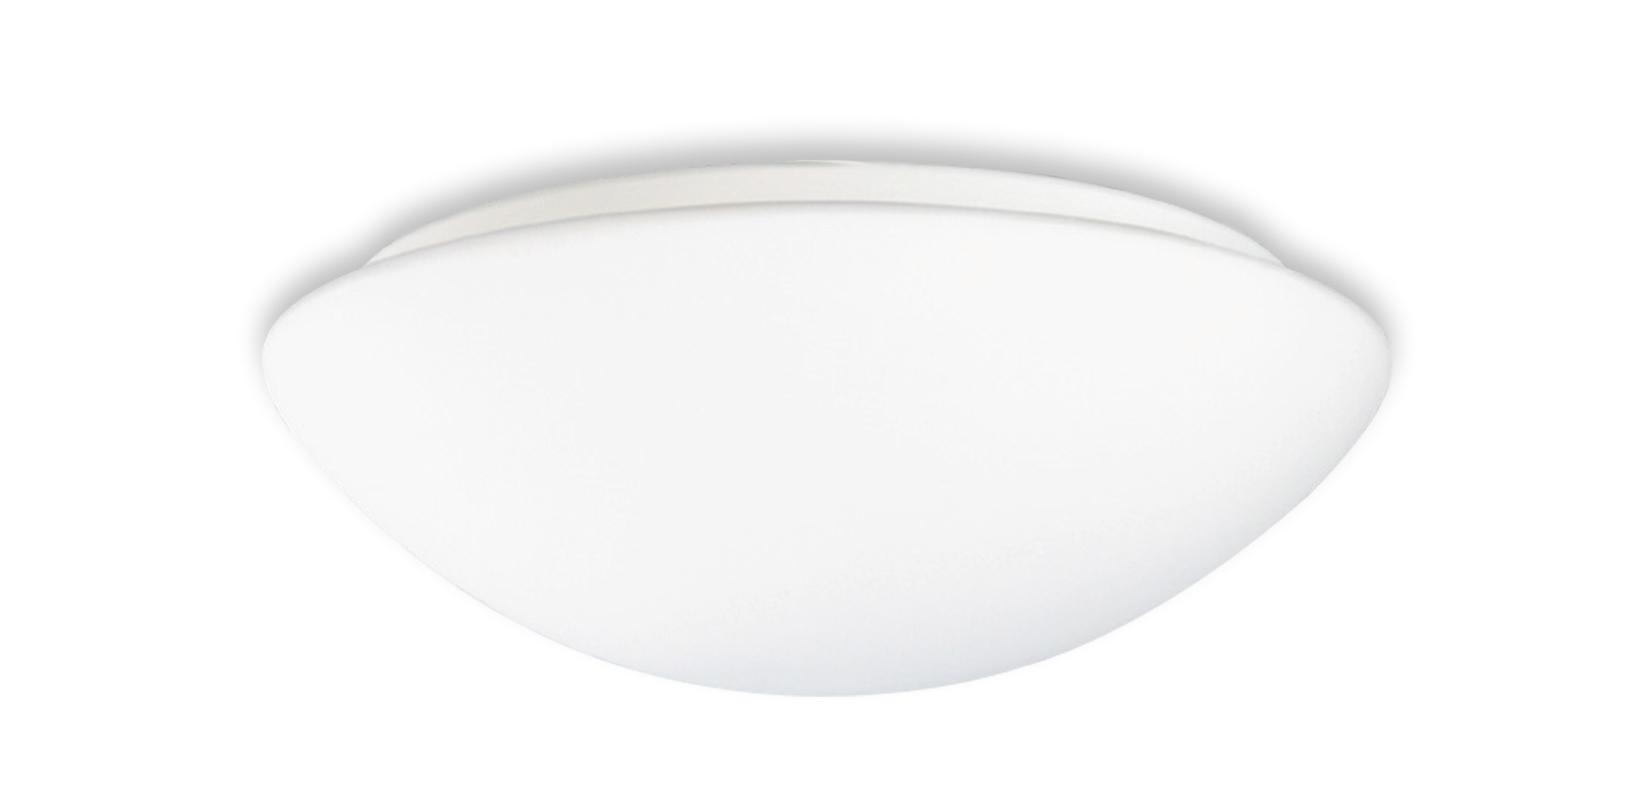 SENSORLAMPE RS 10 OPAL 730512 VILAN | Interiørarmatur